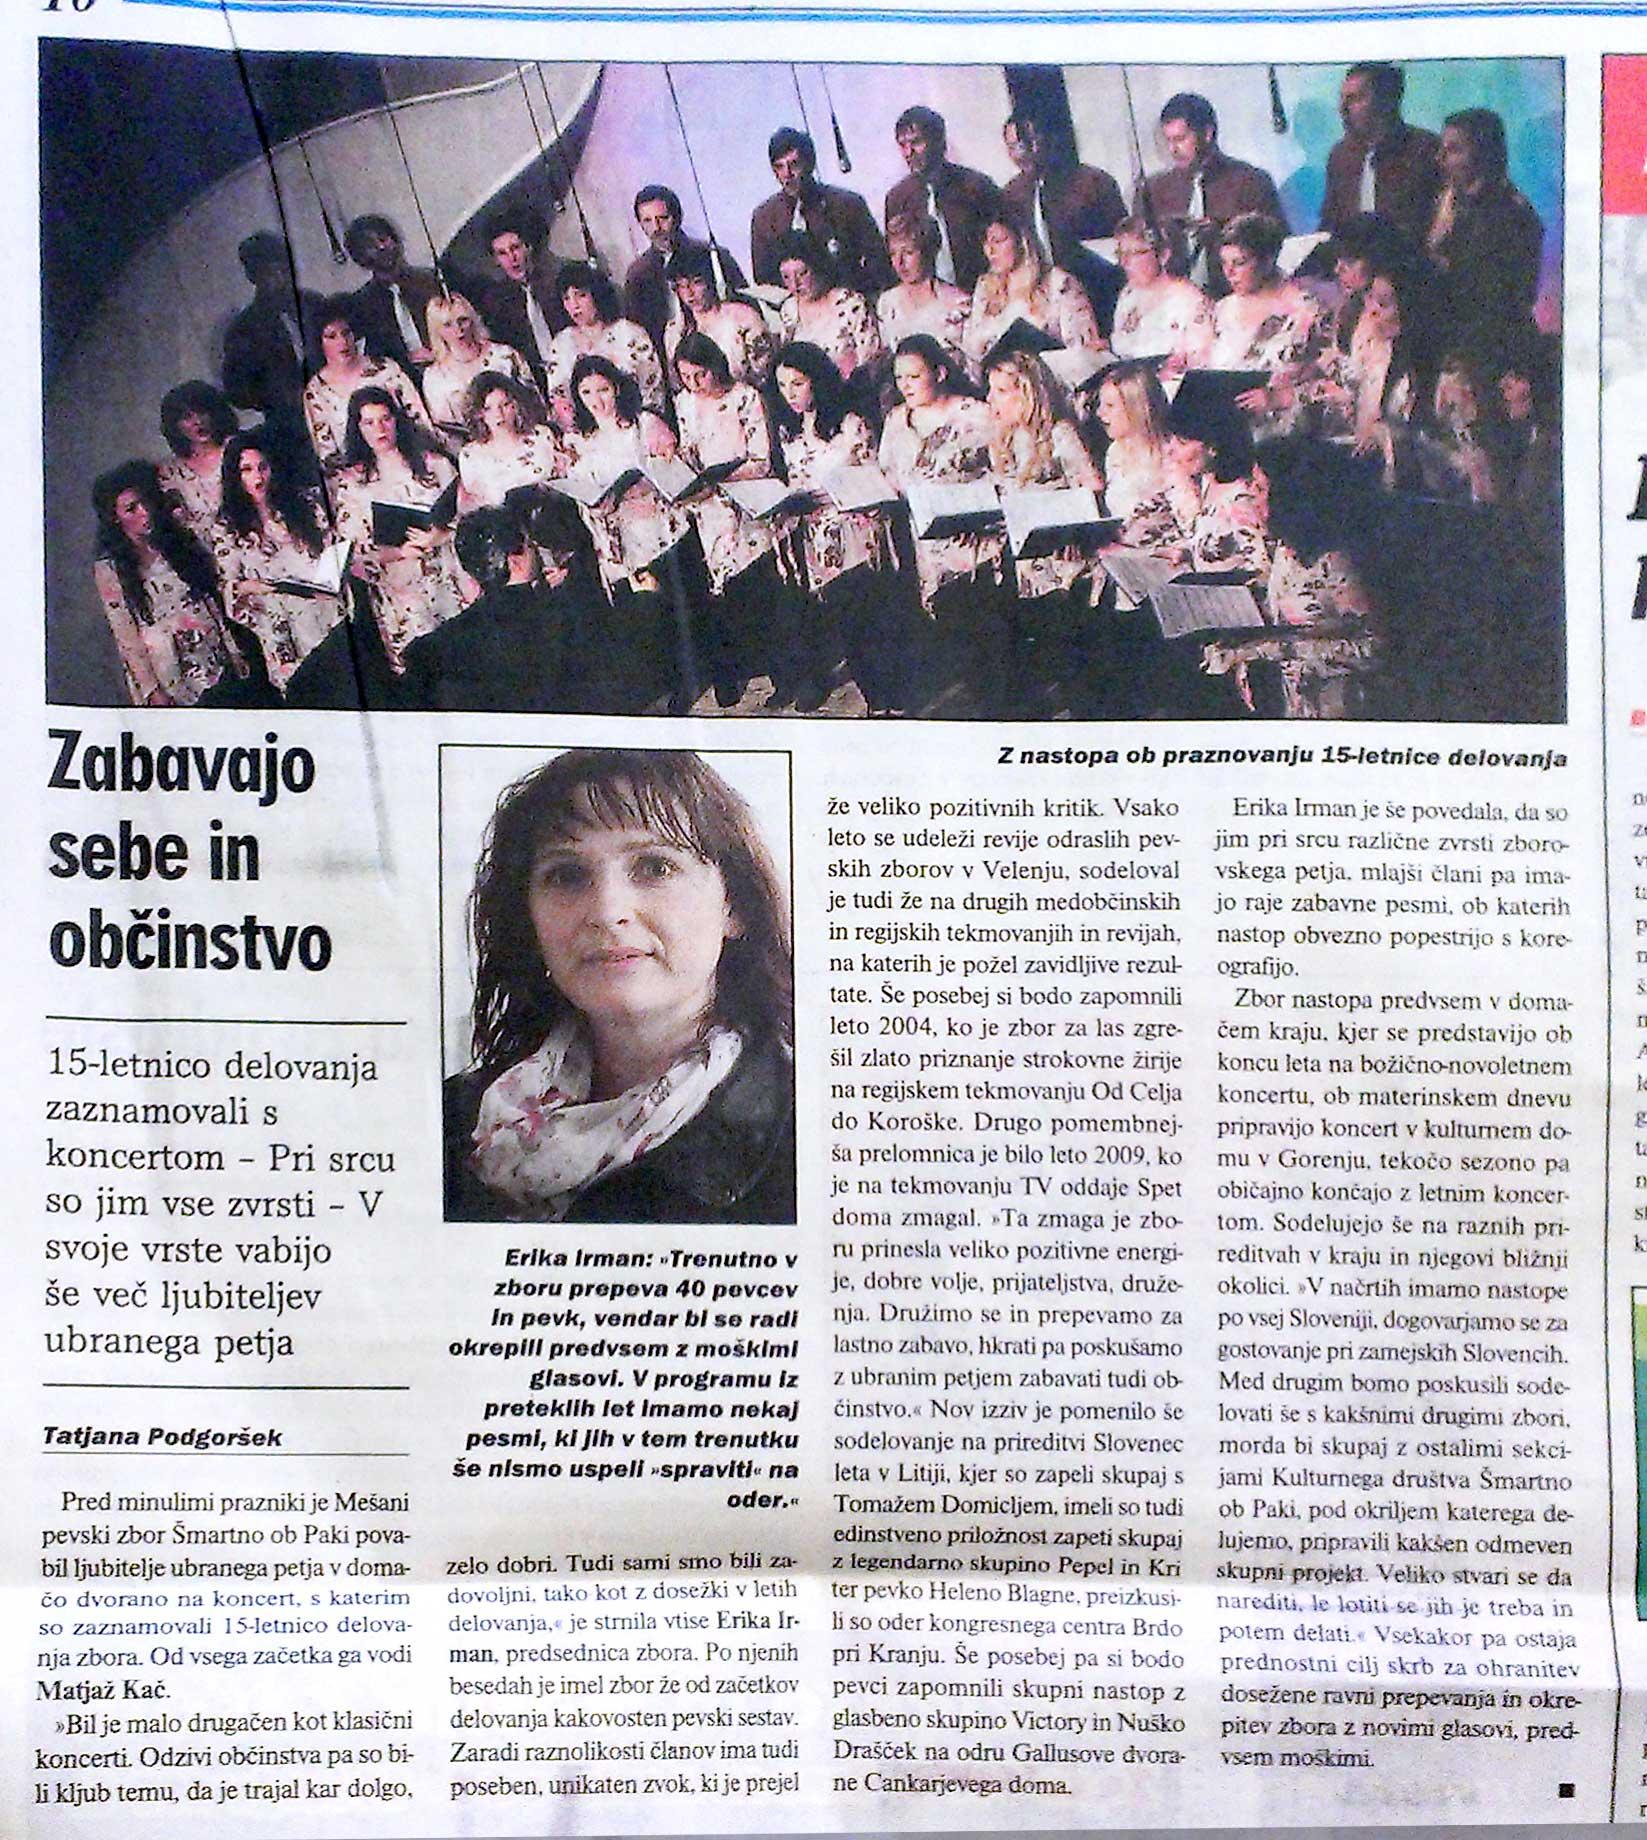 Naš Čas, April 2013, Mepz Šmartno ob Paki, 15-letnica, jubilje